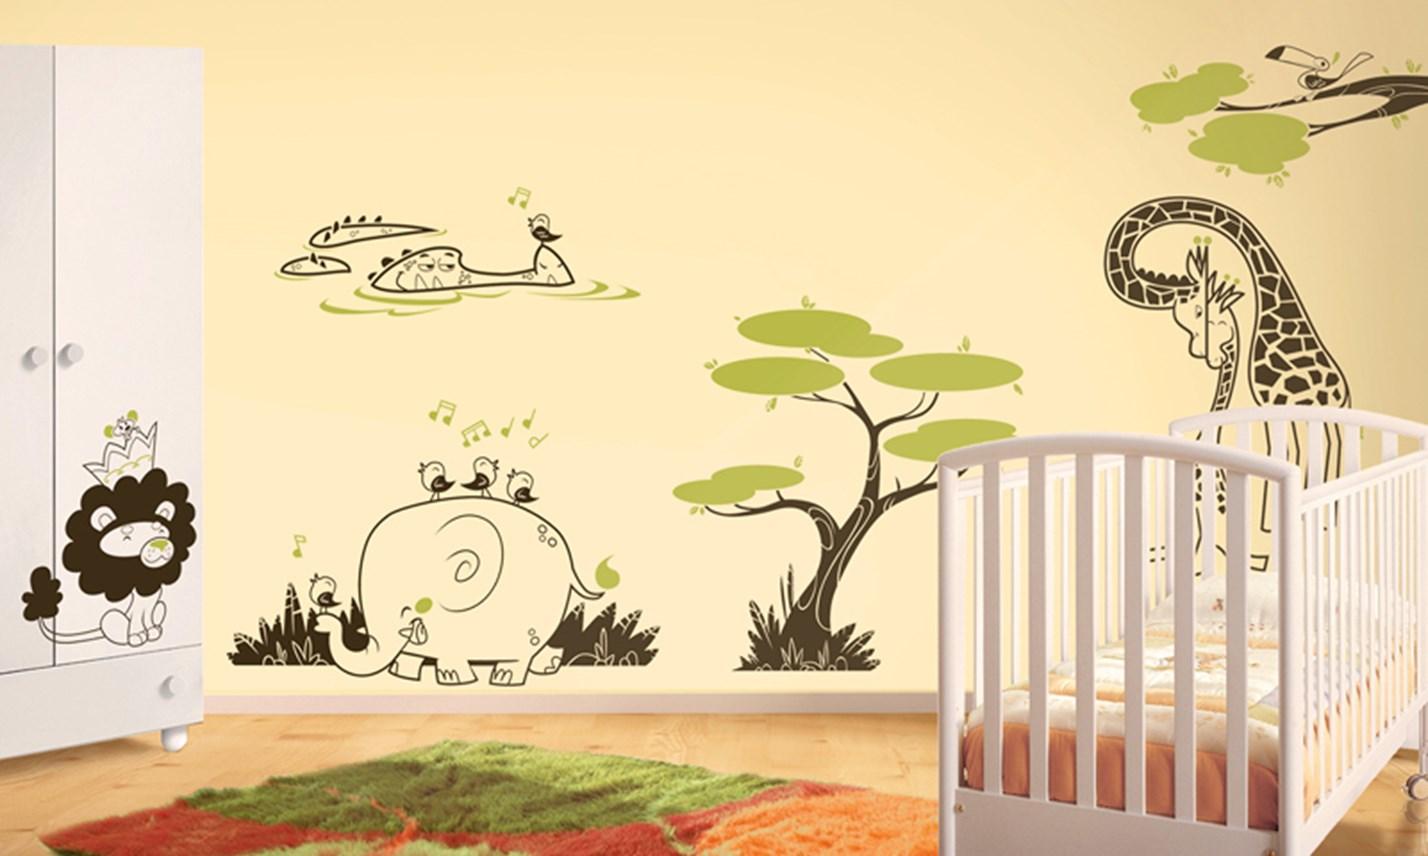 Stickers murali bambini cameretta avventura nella savana for Decorazioni camerette bambini immagini